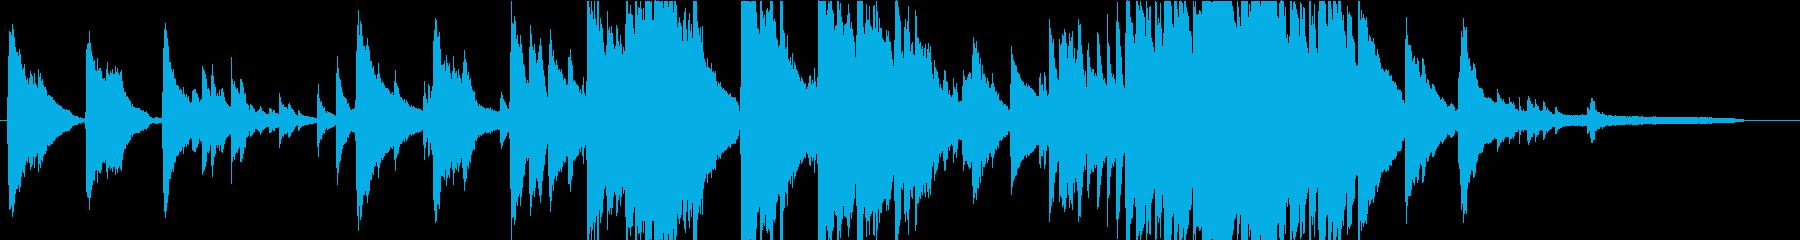 懐かしさもある優しいピアノBGMの再生済みの波形